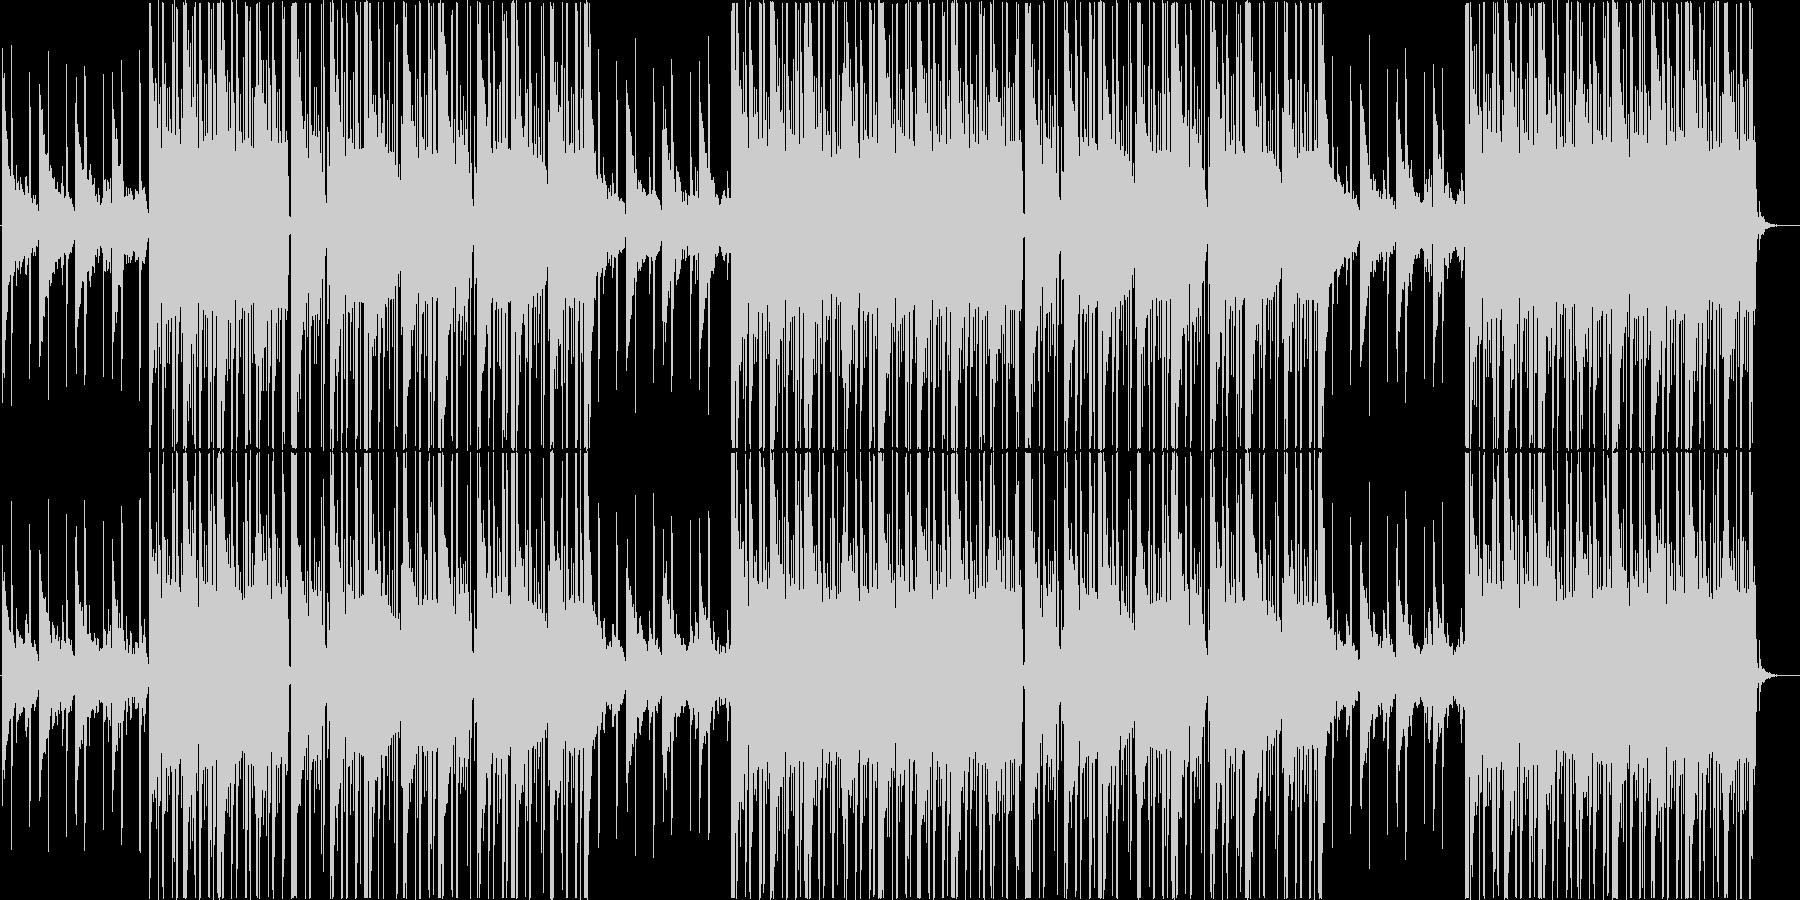 穏やかなローファイ、チルアウトR&B♬の未再生の波形